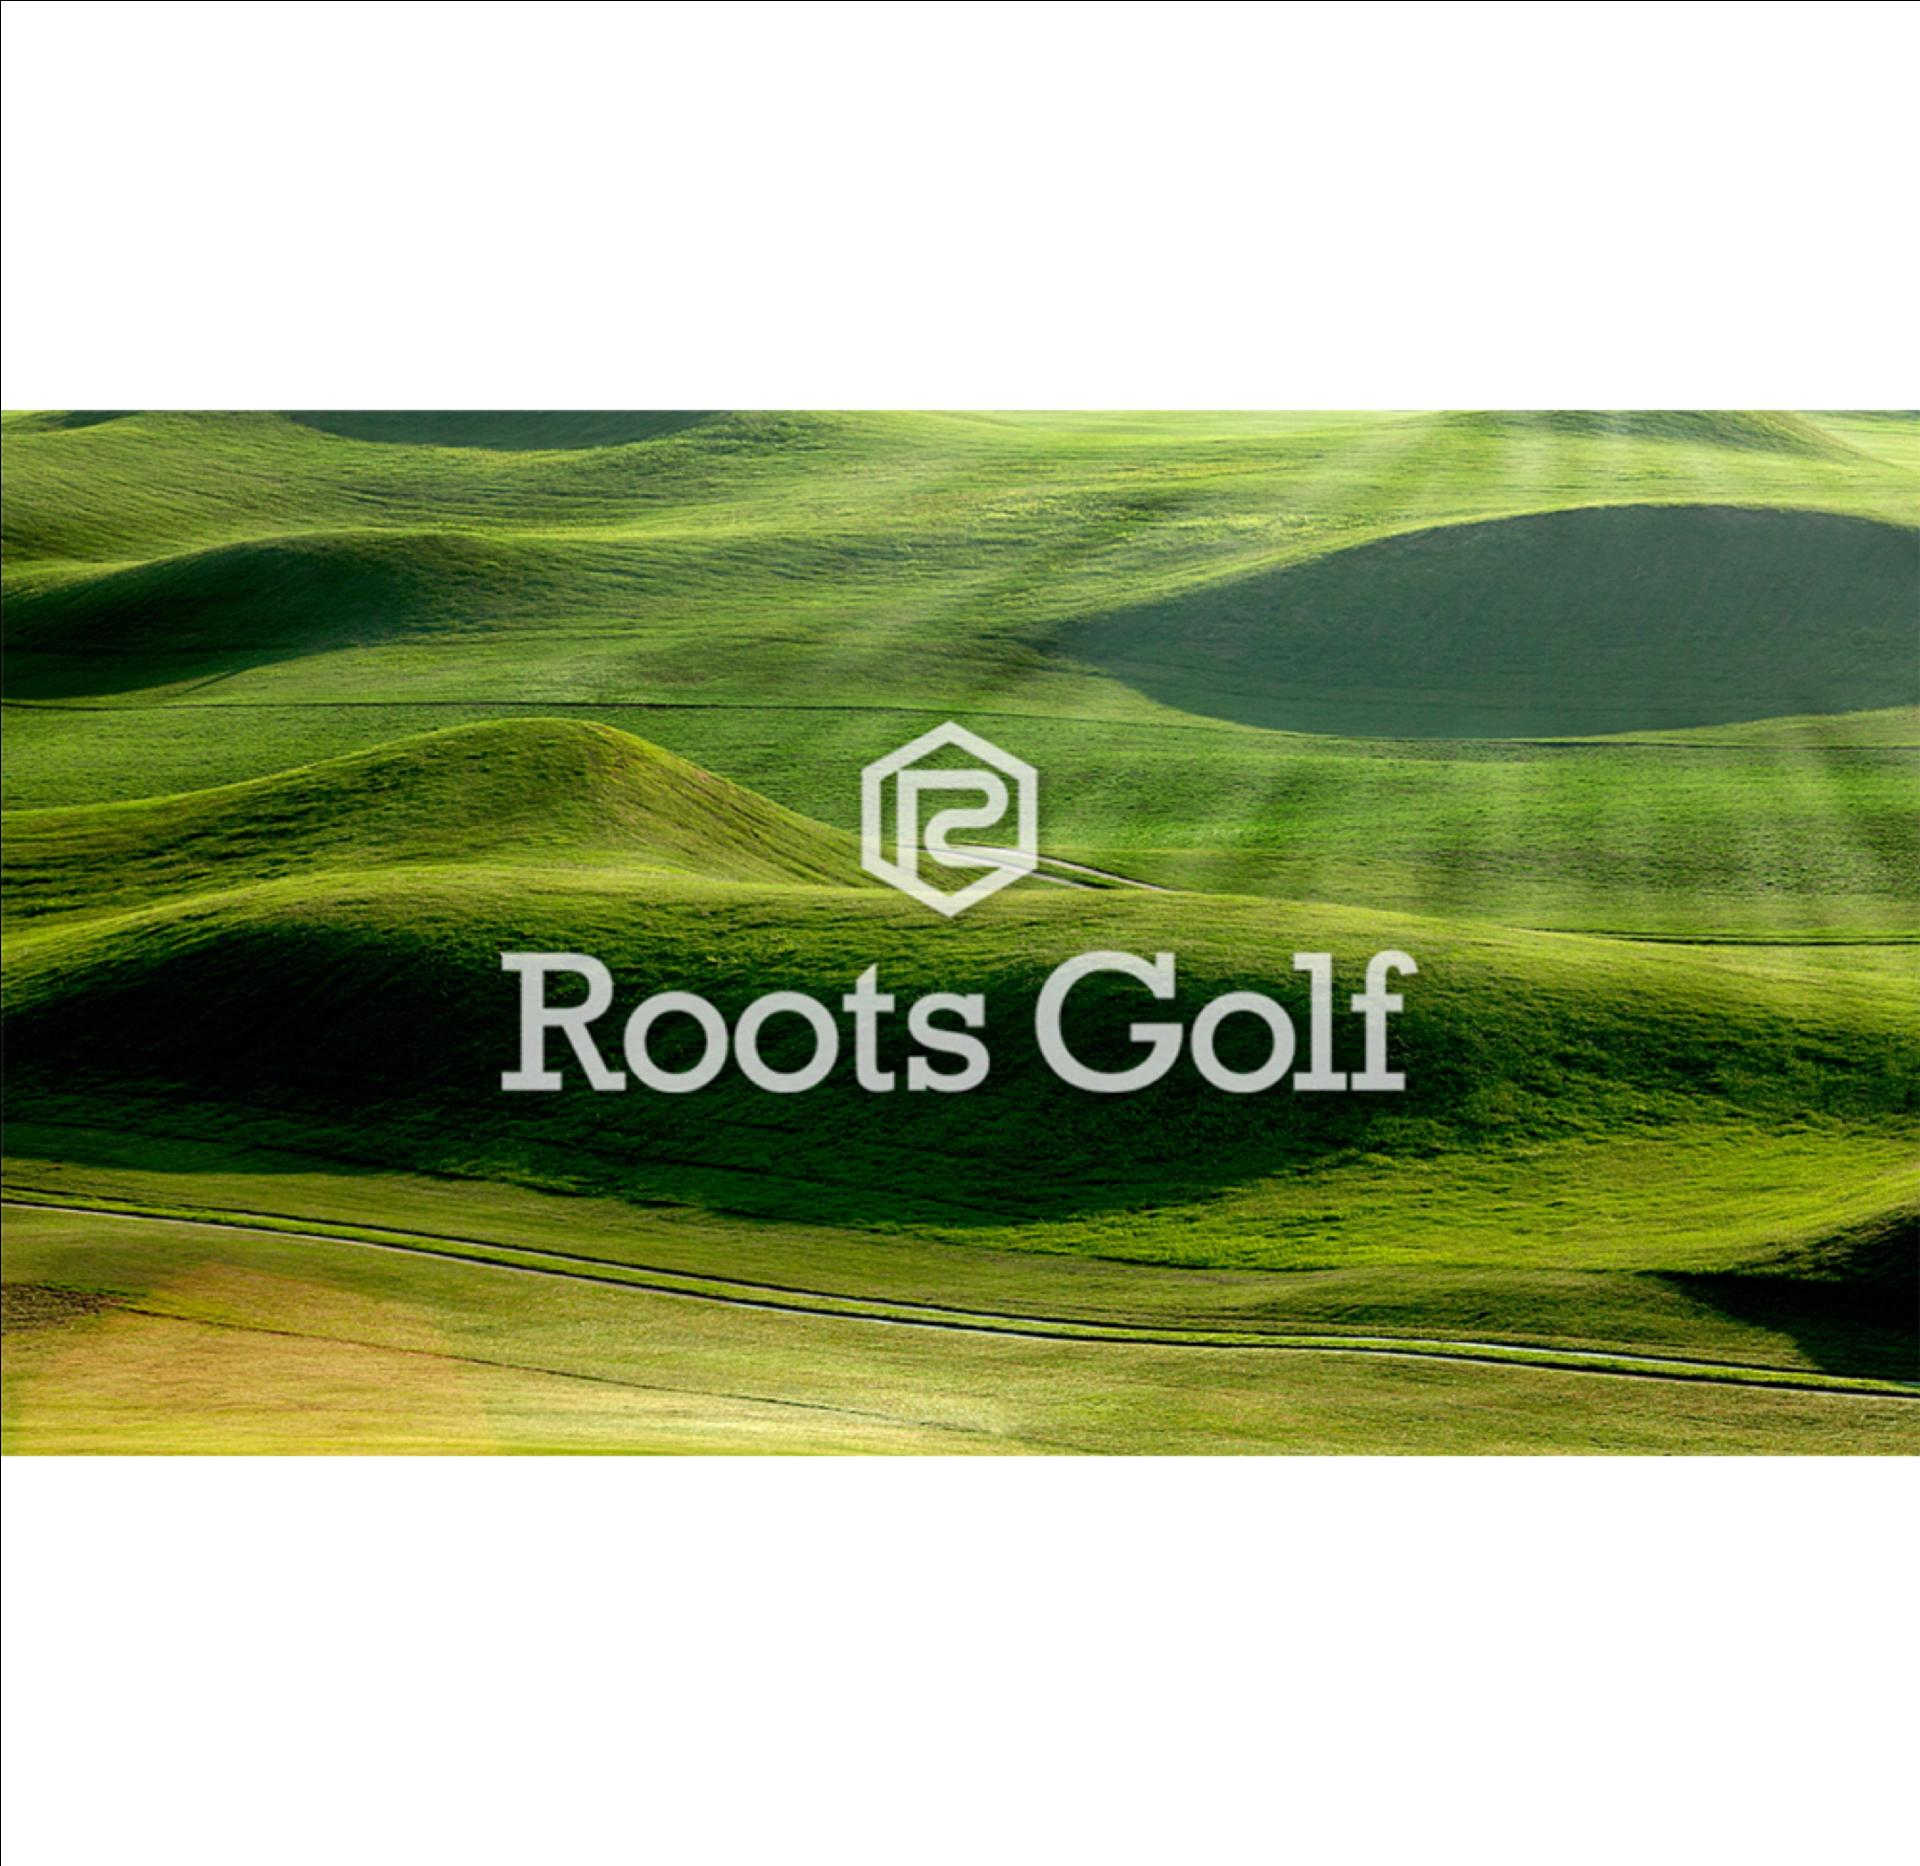 Roots Golf ブランドイメージムービー